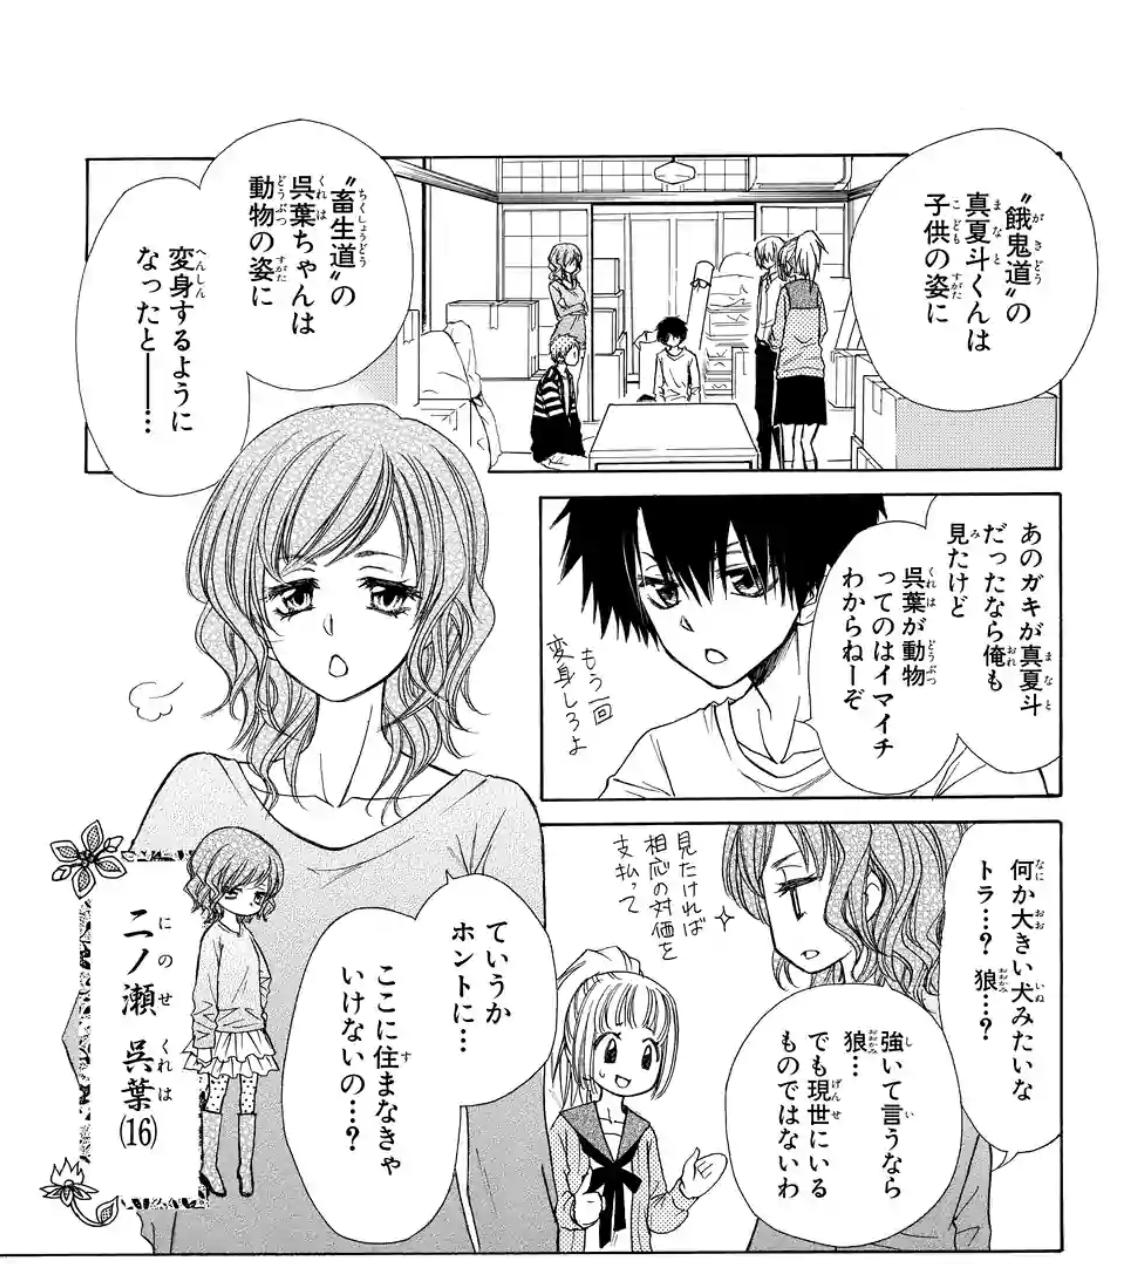 登場人物6:頼れるお姉さん【呉葉(くれは)】